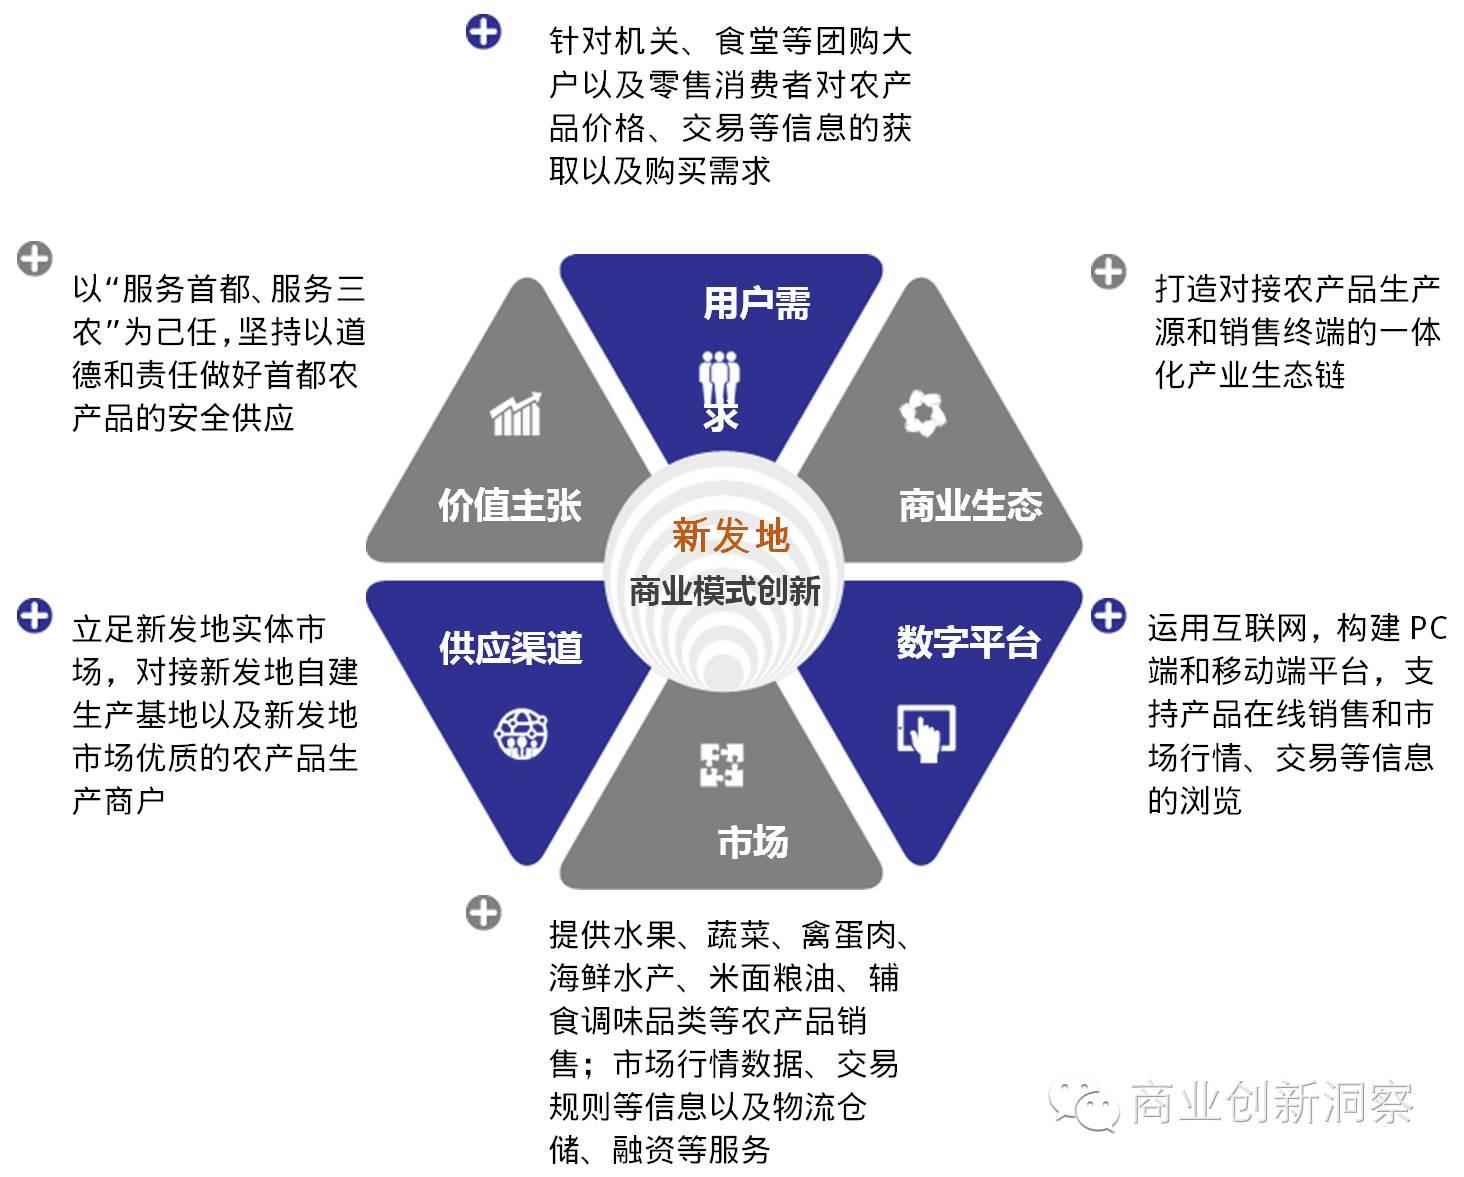 一张图读懂新发地商业模式创新图片